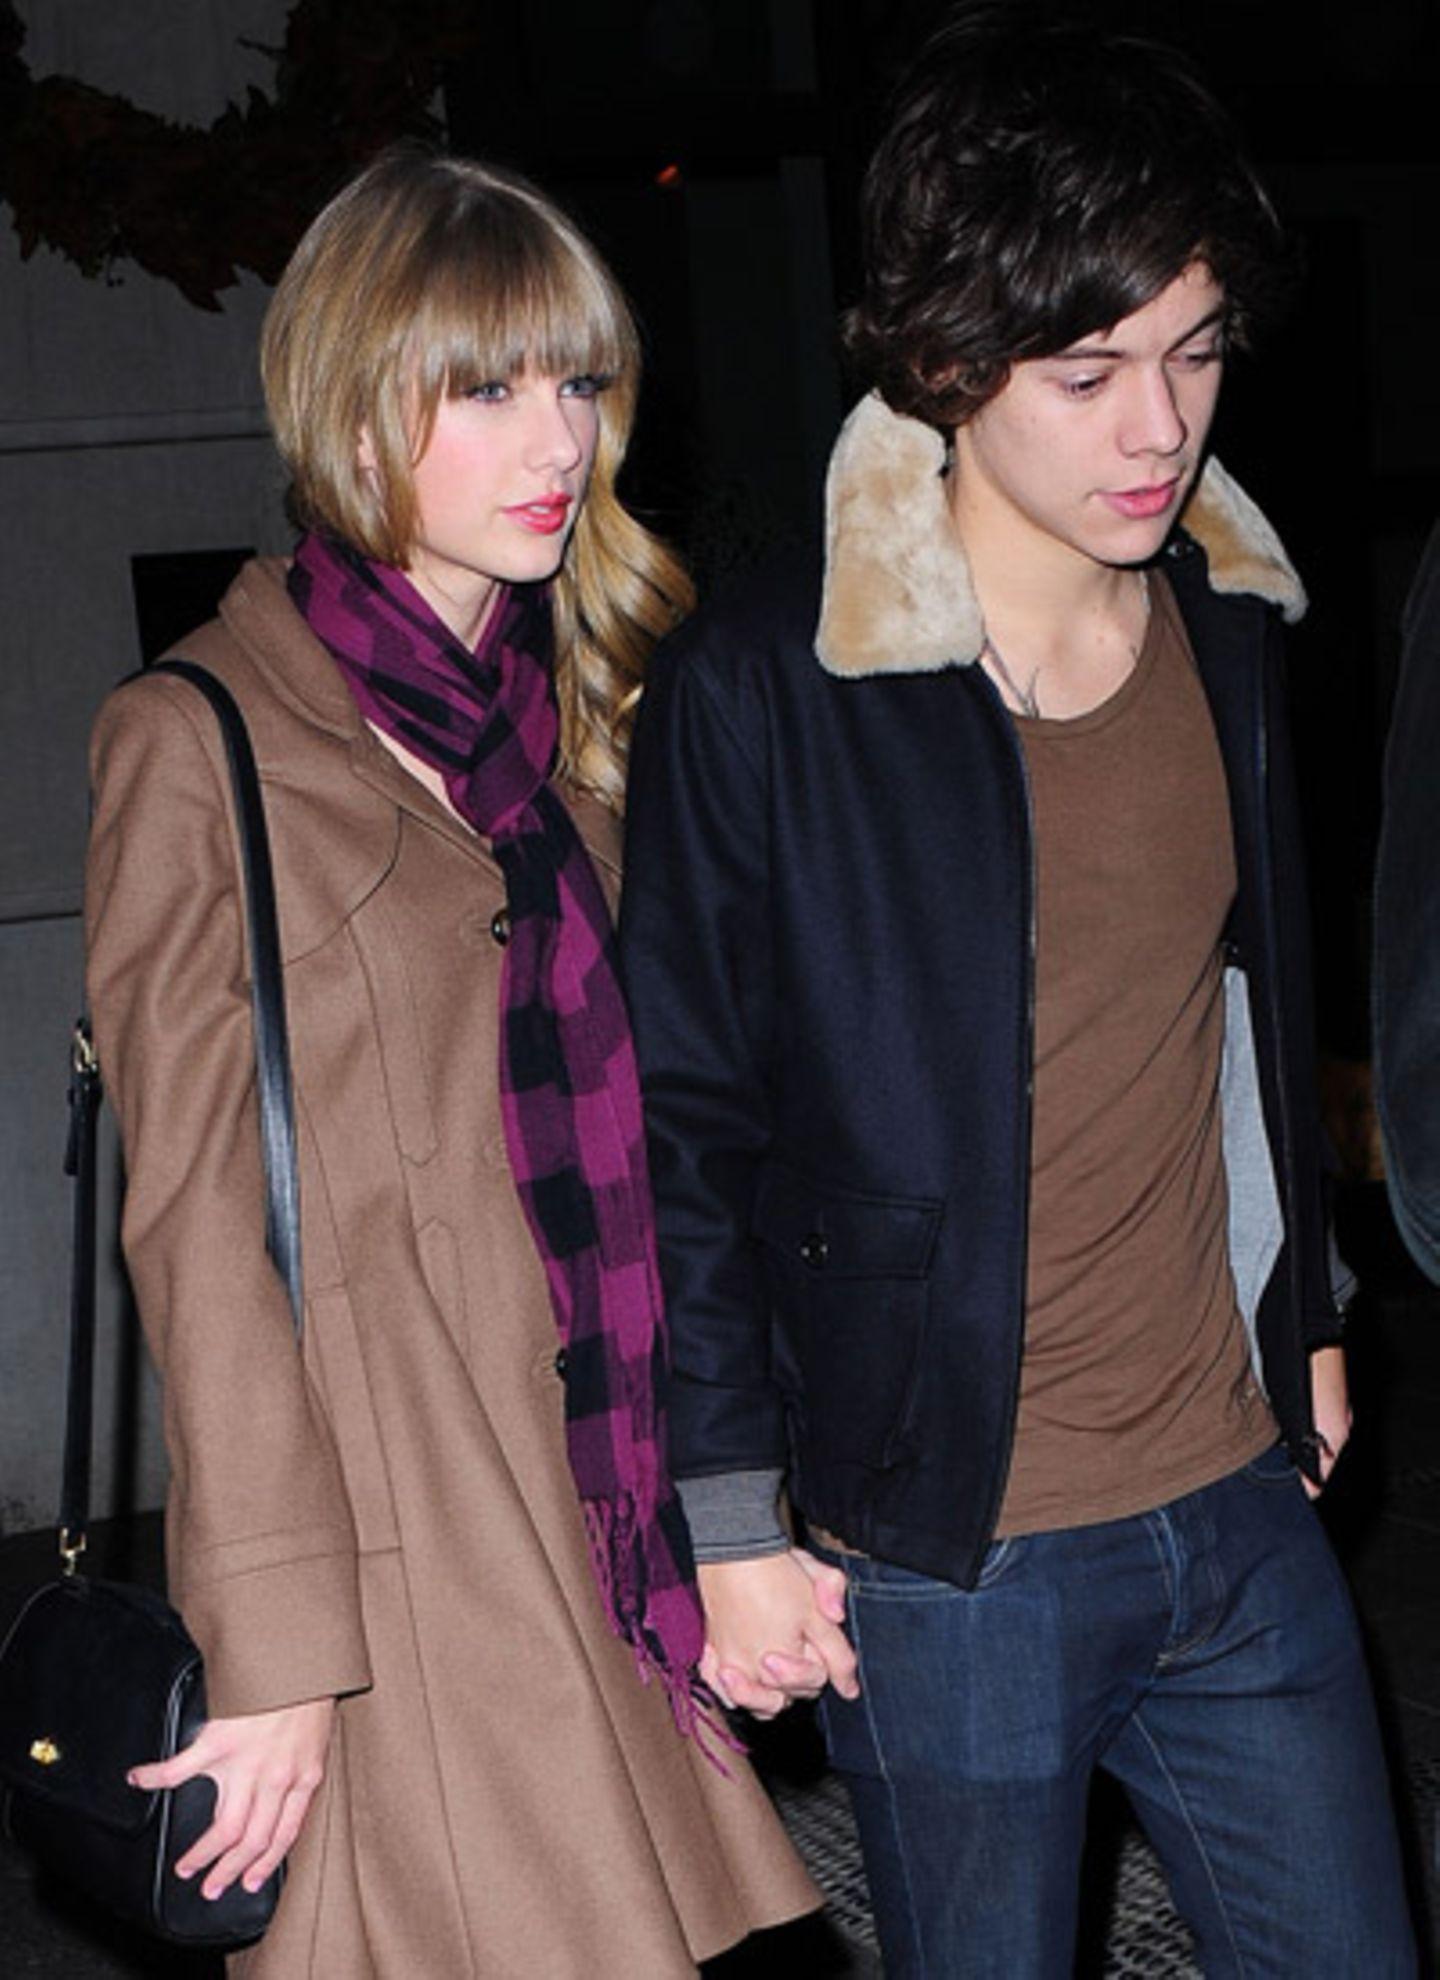 7. Dezember 2012: Taylor Swift und Harry Styles sind Händchen haltend in New York unterwegs.